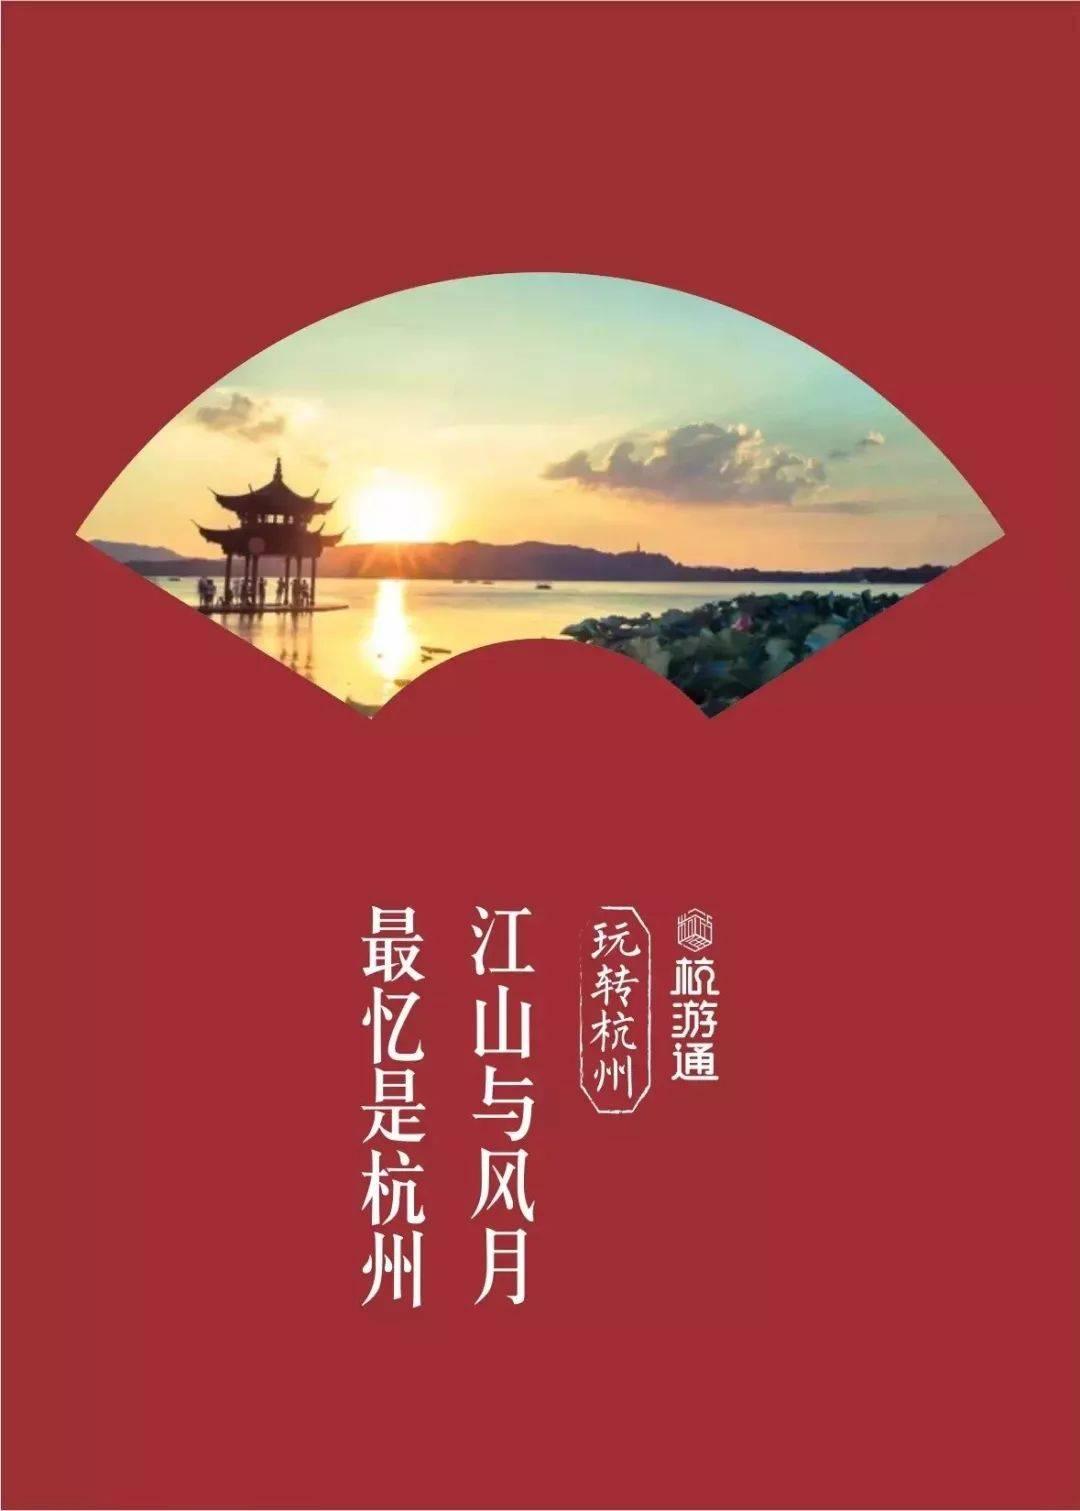 西湖大佛寺杭游通给您送攻略啦!独自旅行,坠入杭州梦境,一起玩转杭州